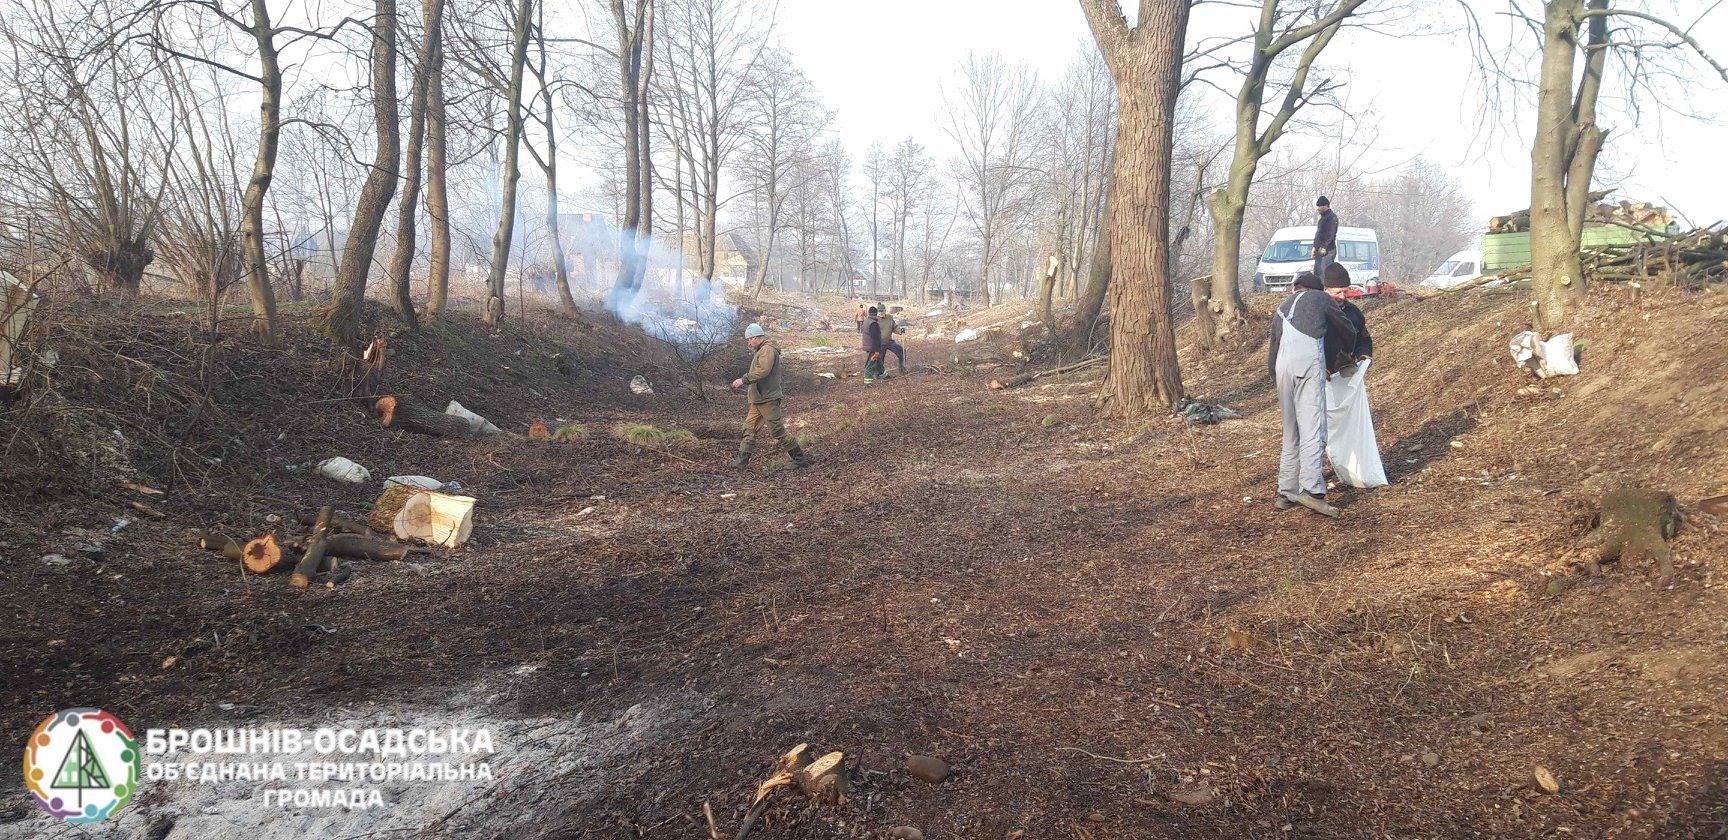 Мешканці прикарпатського села облагородили відпочинкову зону та назбирали дров для малозабезпечених сімей 2